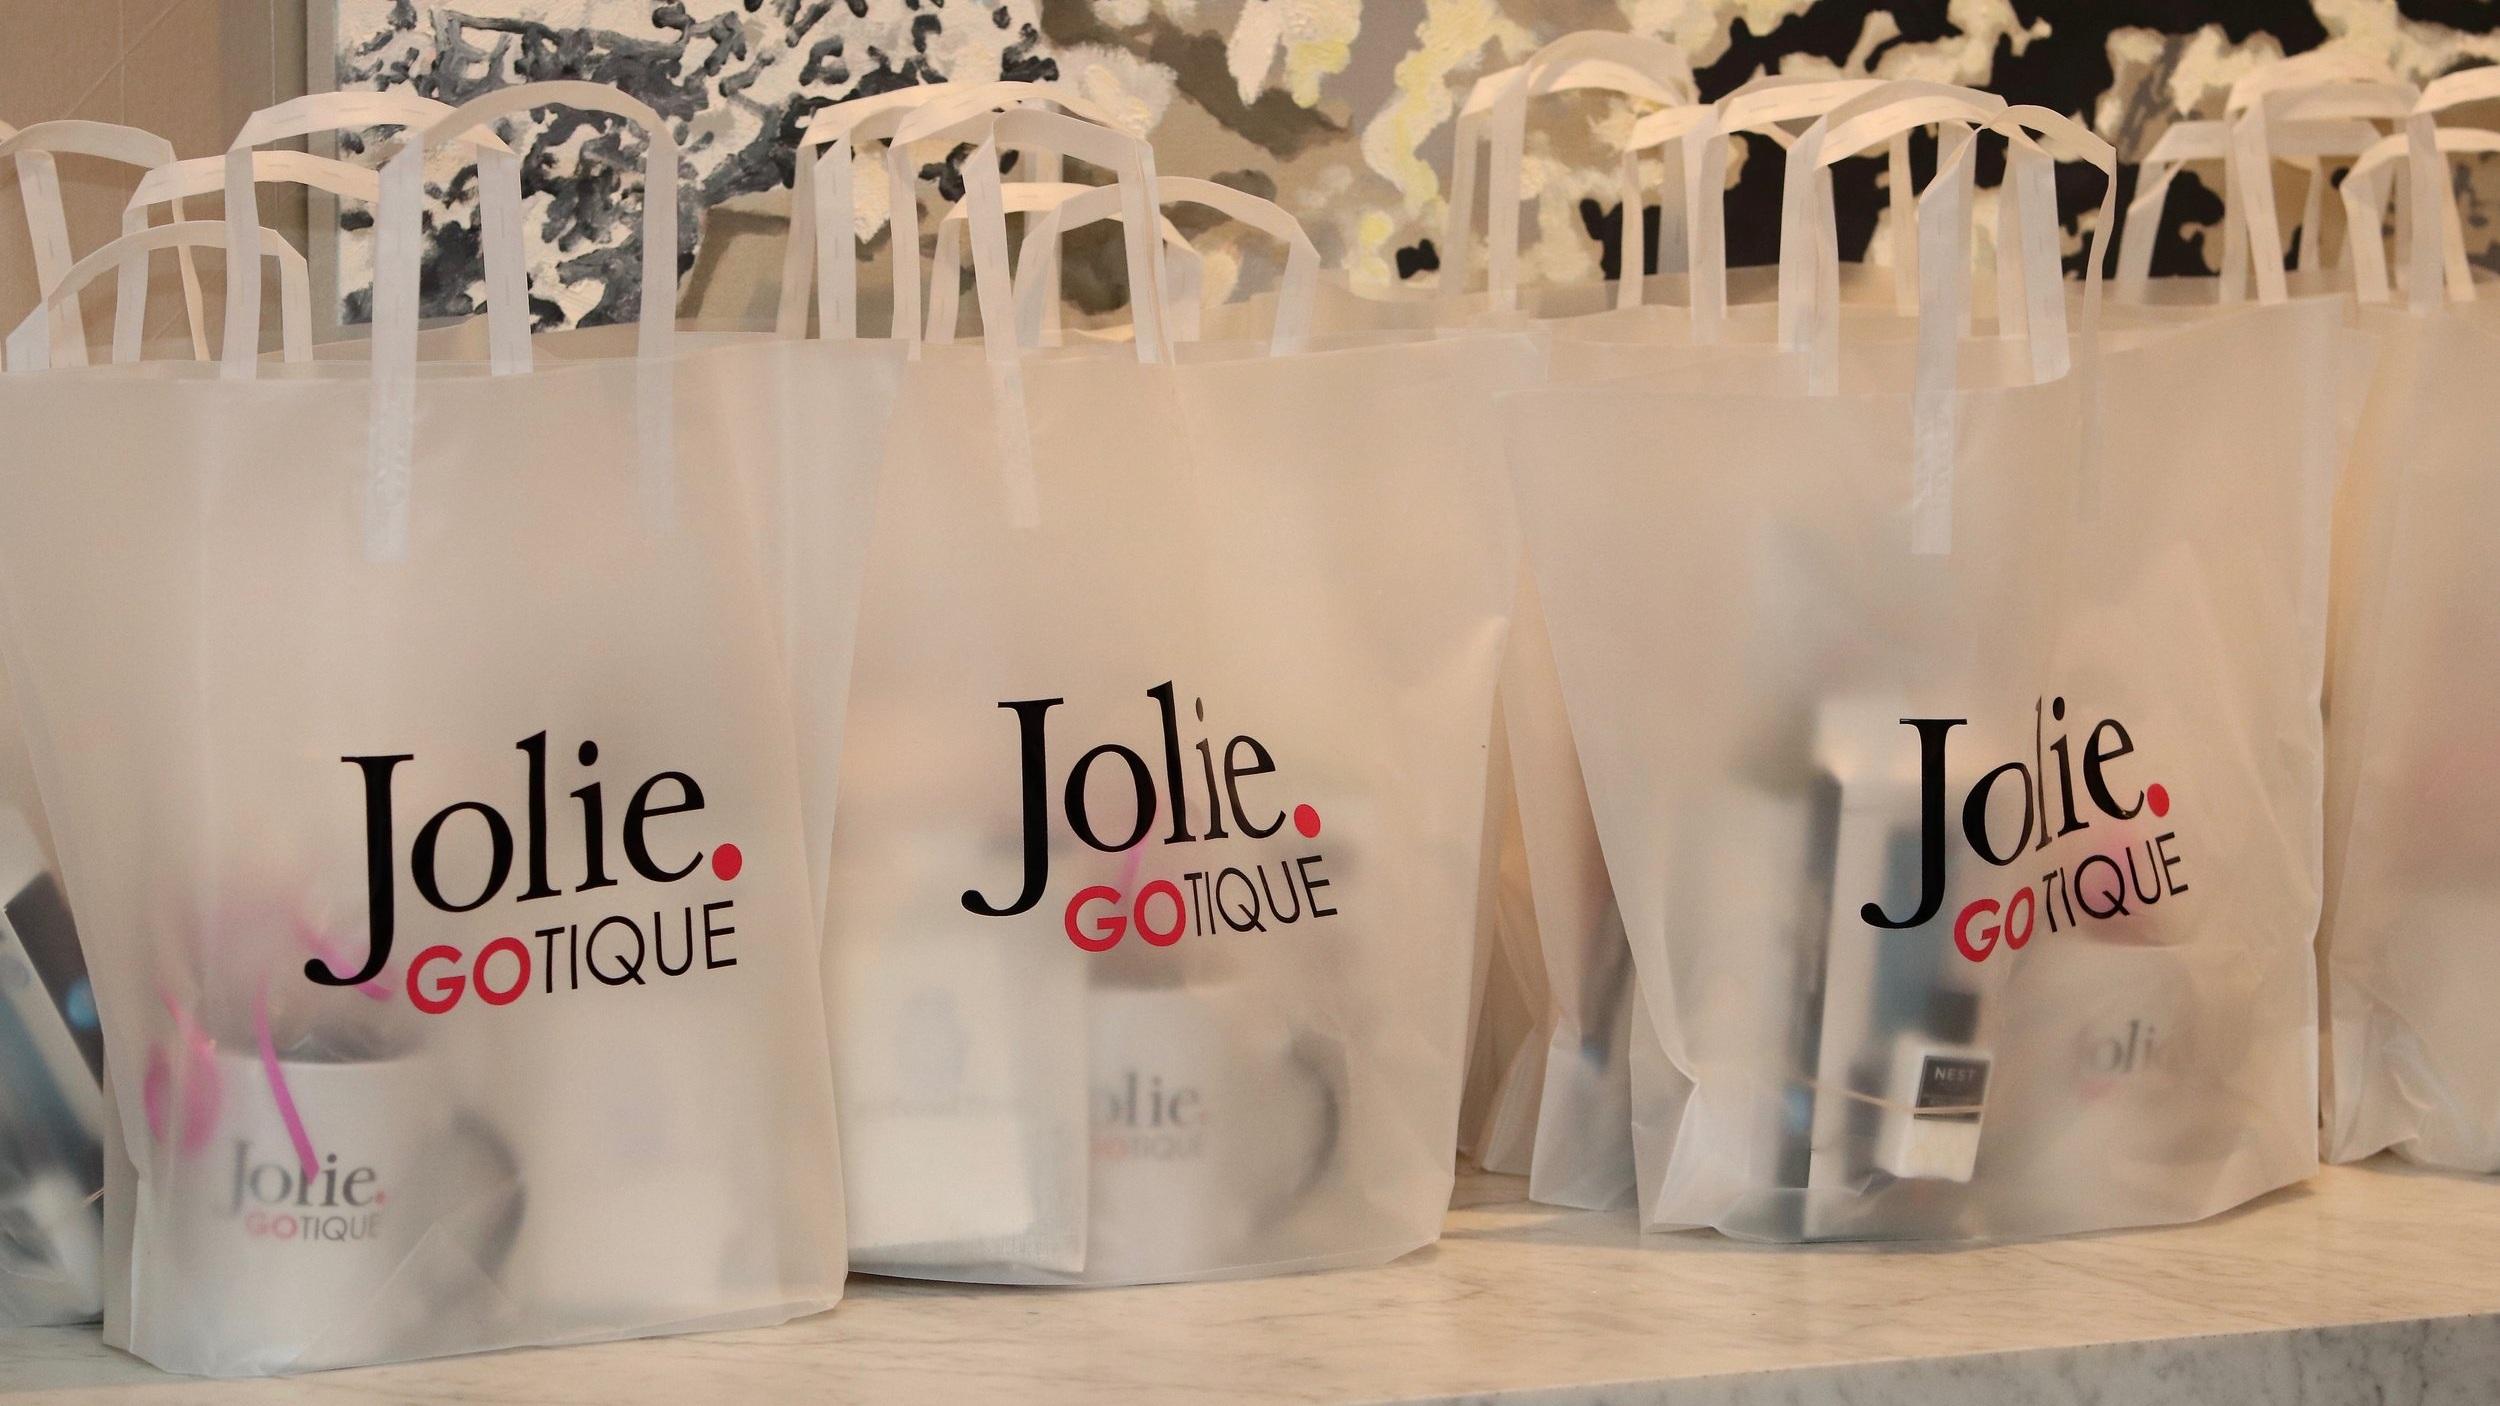 Jolie Gotique